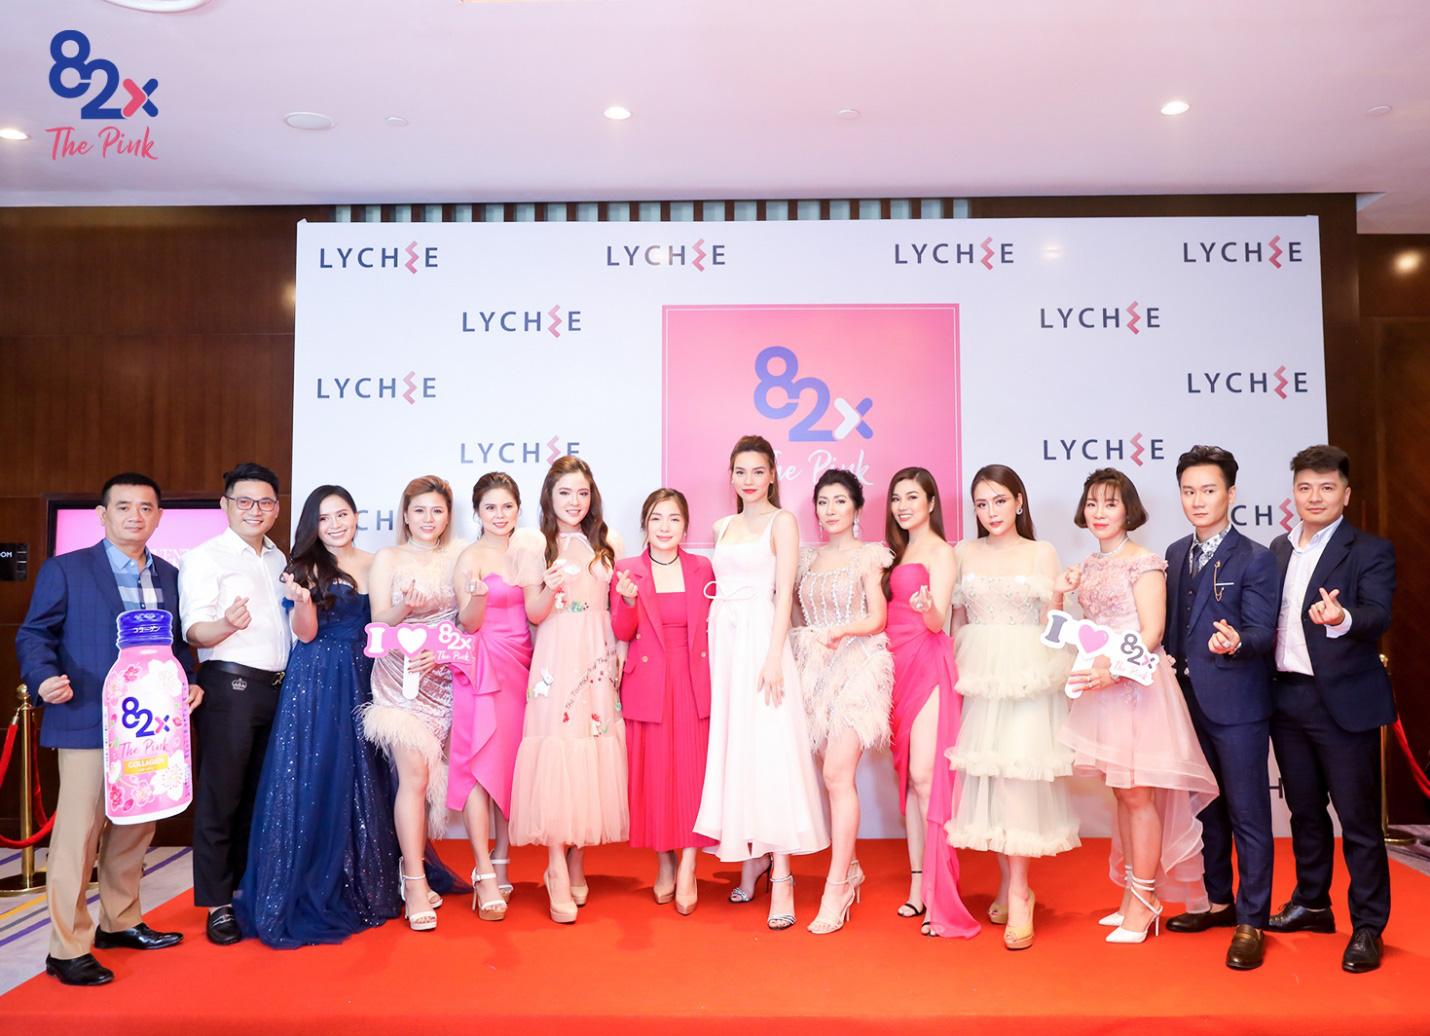 """82X The Pink Collagen - """"Cơn lốc màu hồng"""" trên thị trường làm đẹp Việt - Ảnh 6."""